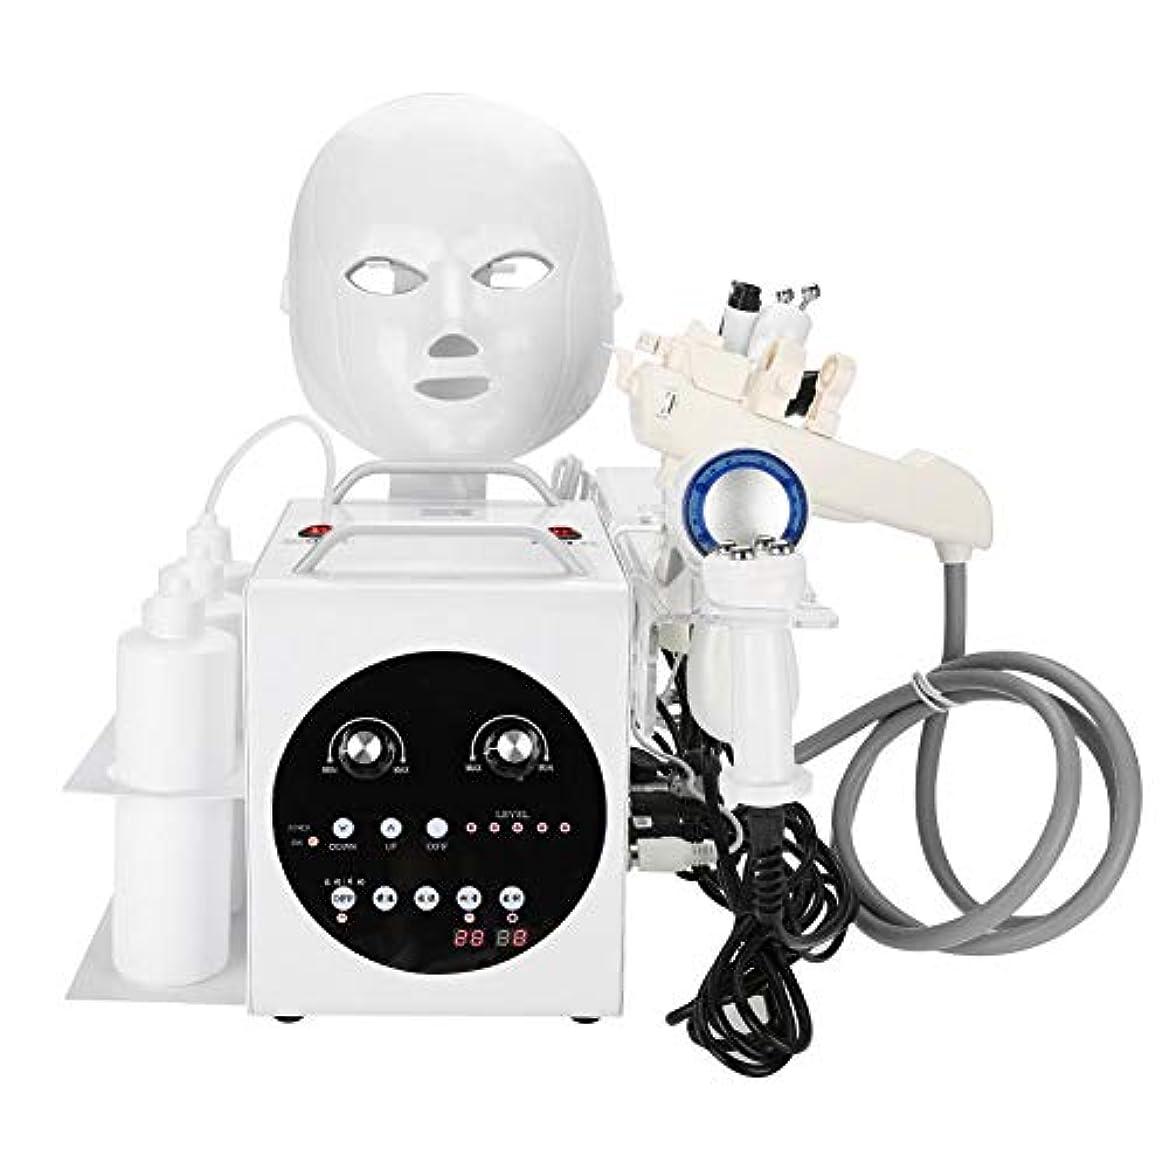 パークアジャテキスト9黒毛のしわの除去、肌の引き締め、美白、肌の若返り、ホームサロンの使用のためのケアの超音波真空RF機械をきつく締める1つの酸素のジェット機に付き9つ(110-240V)